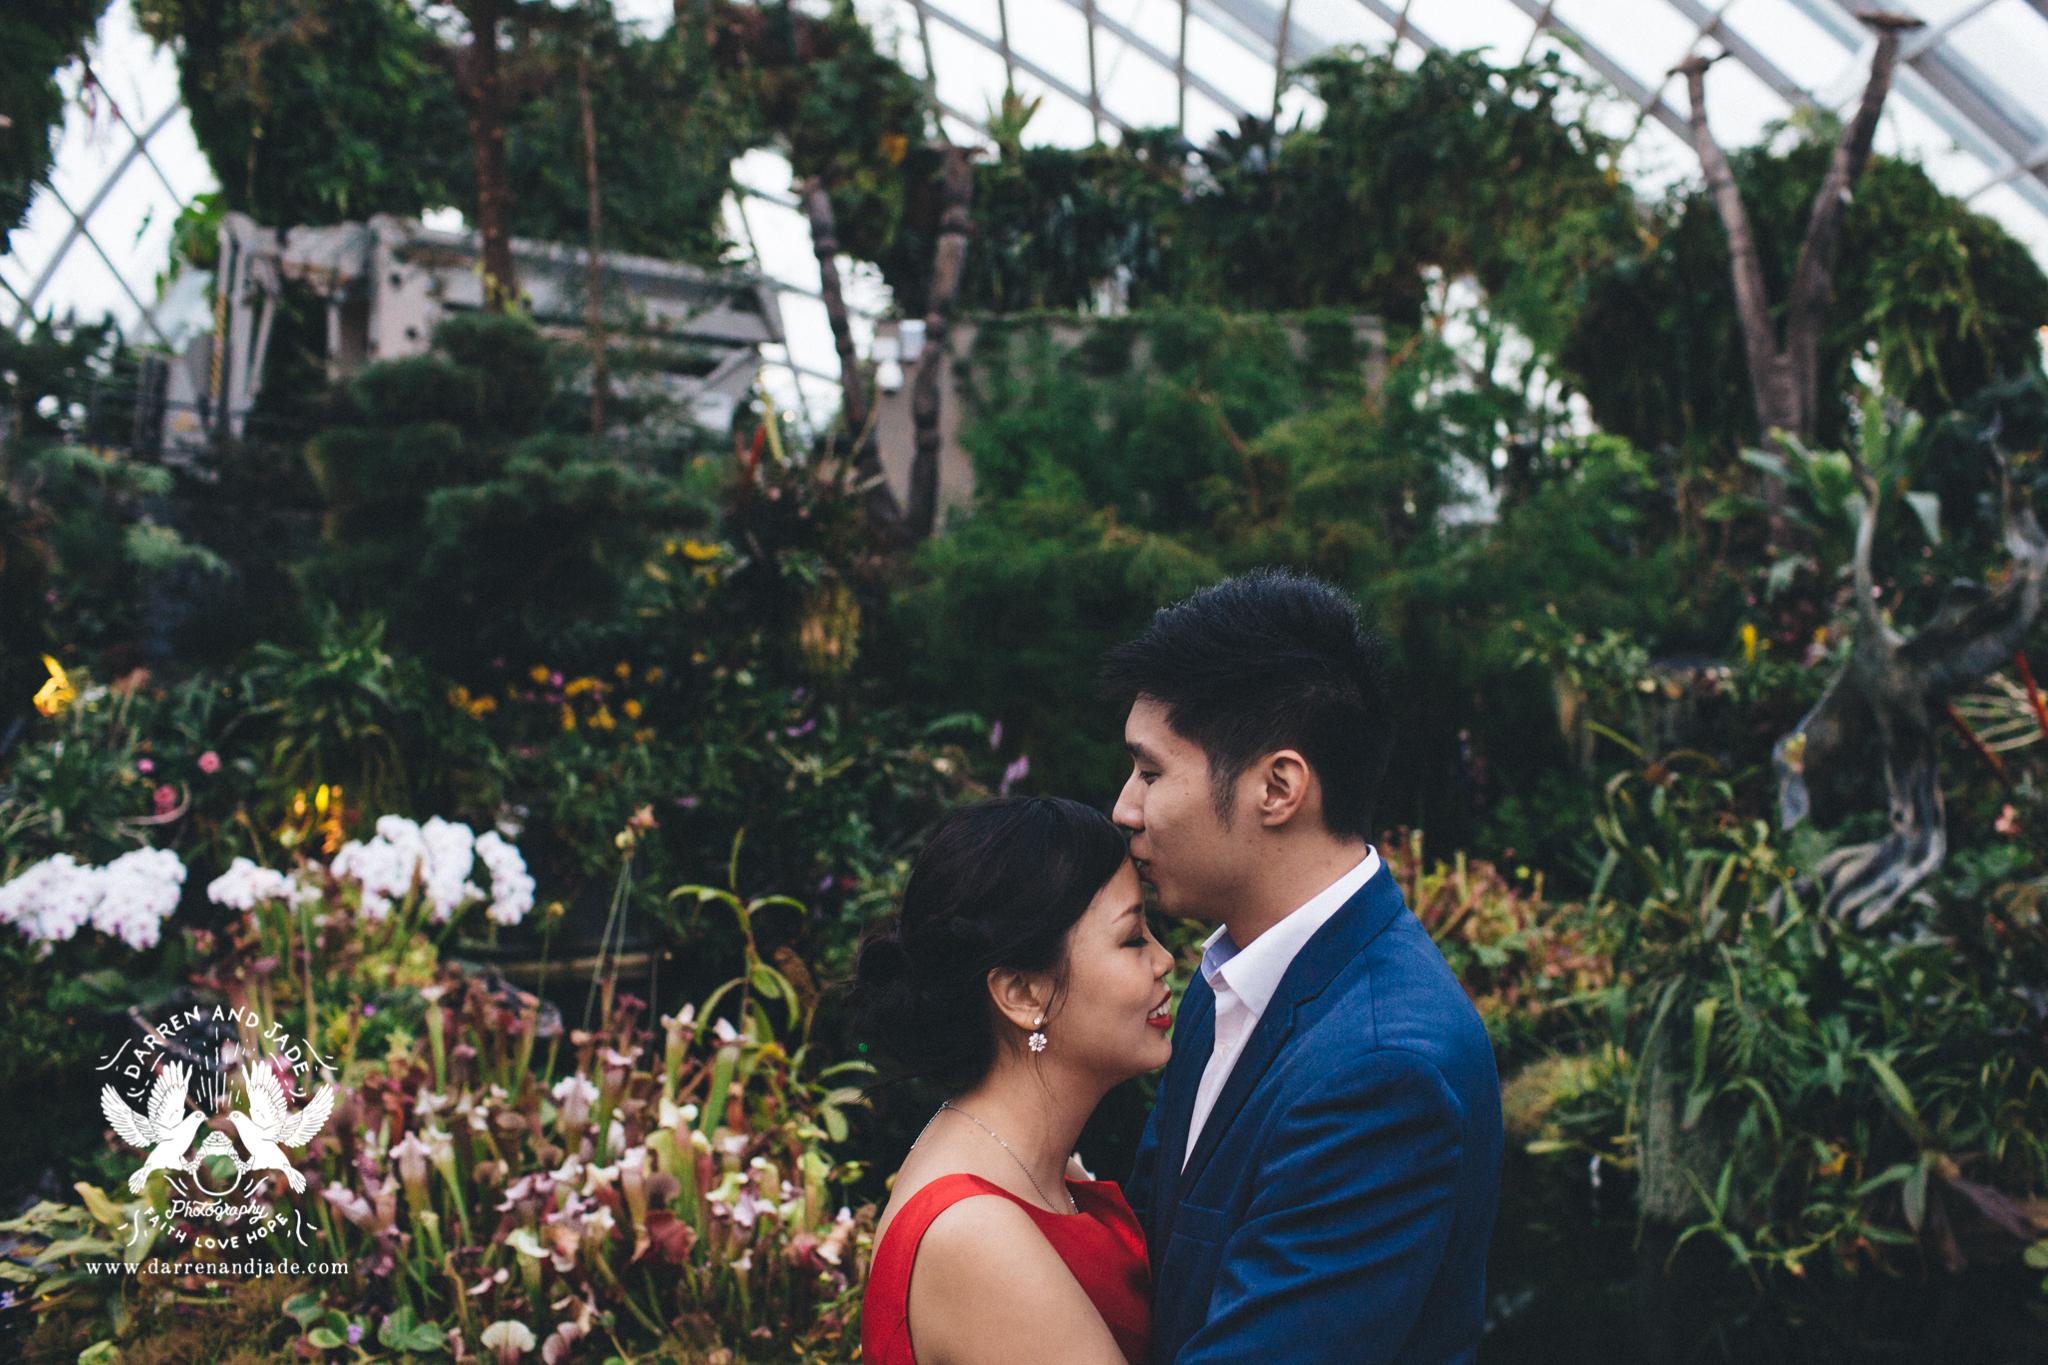 Bel & Emans - Engagement - Blog (13 of 15).jpg